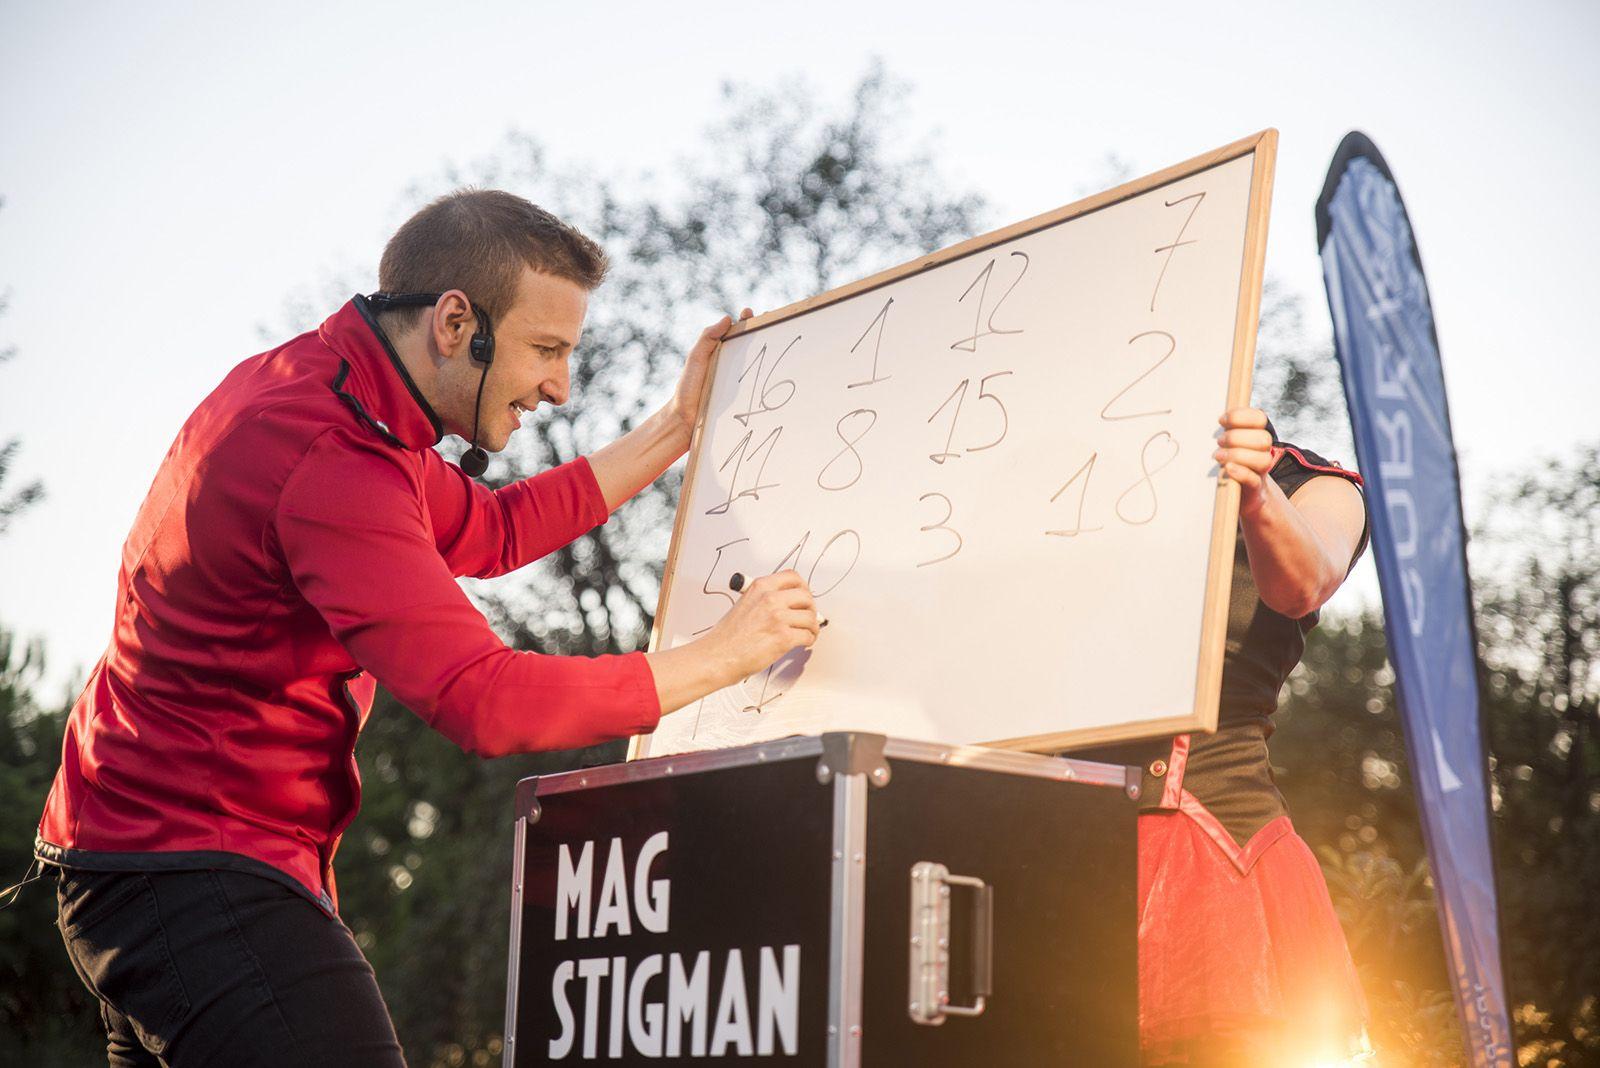 Espectacle de magia del Mag Stigman. Foto: Bernat Millet.